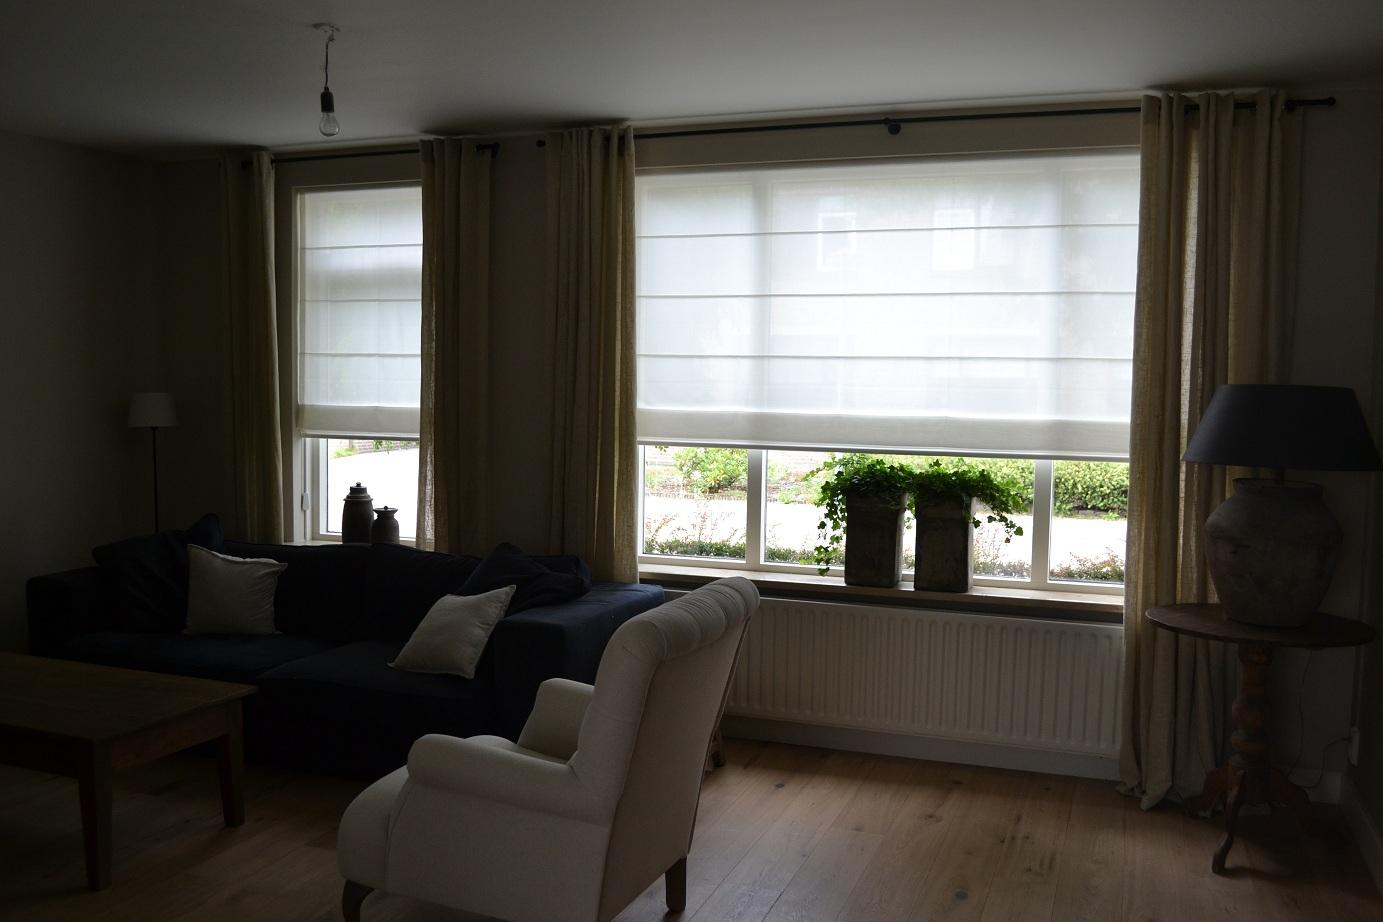 Decoratie ideeen woonkamer - Huis decoratie voorbeeld ...